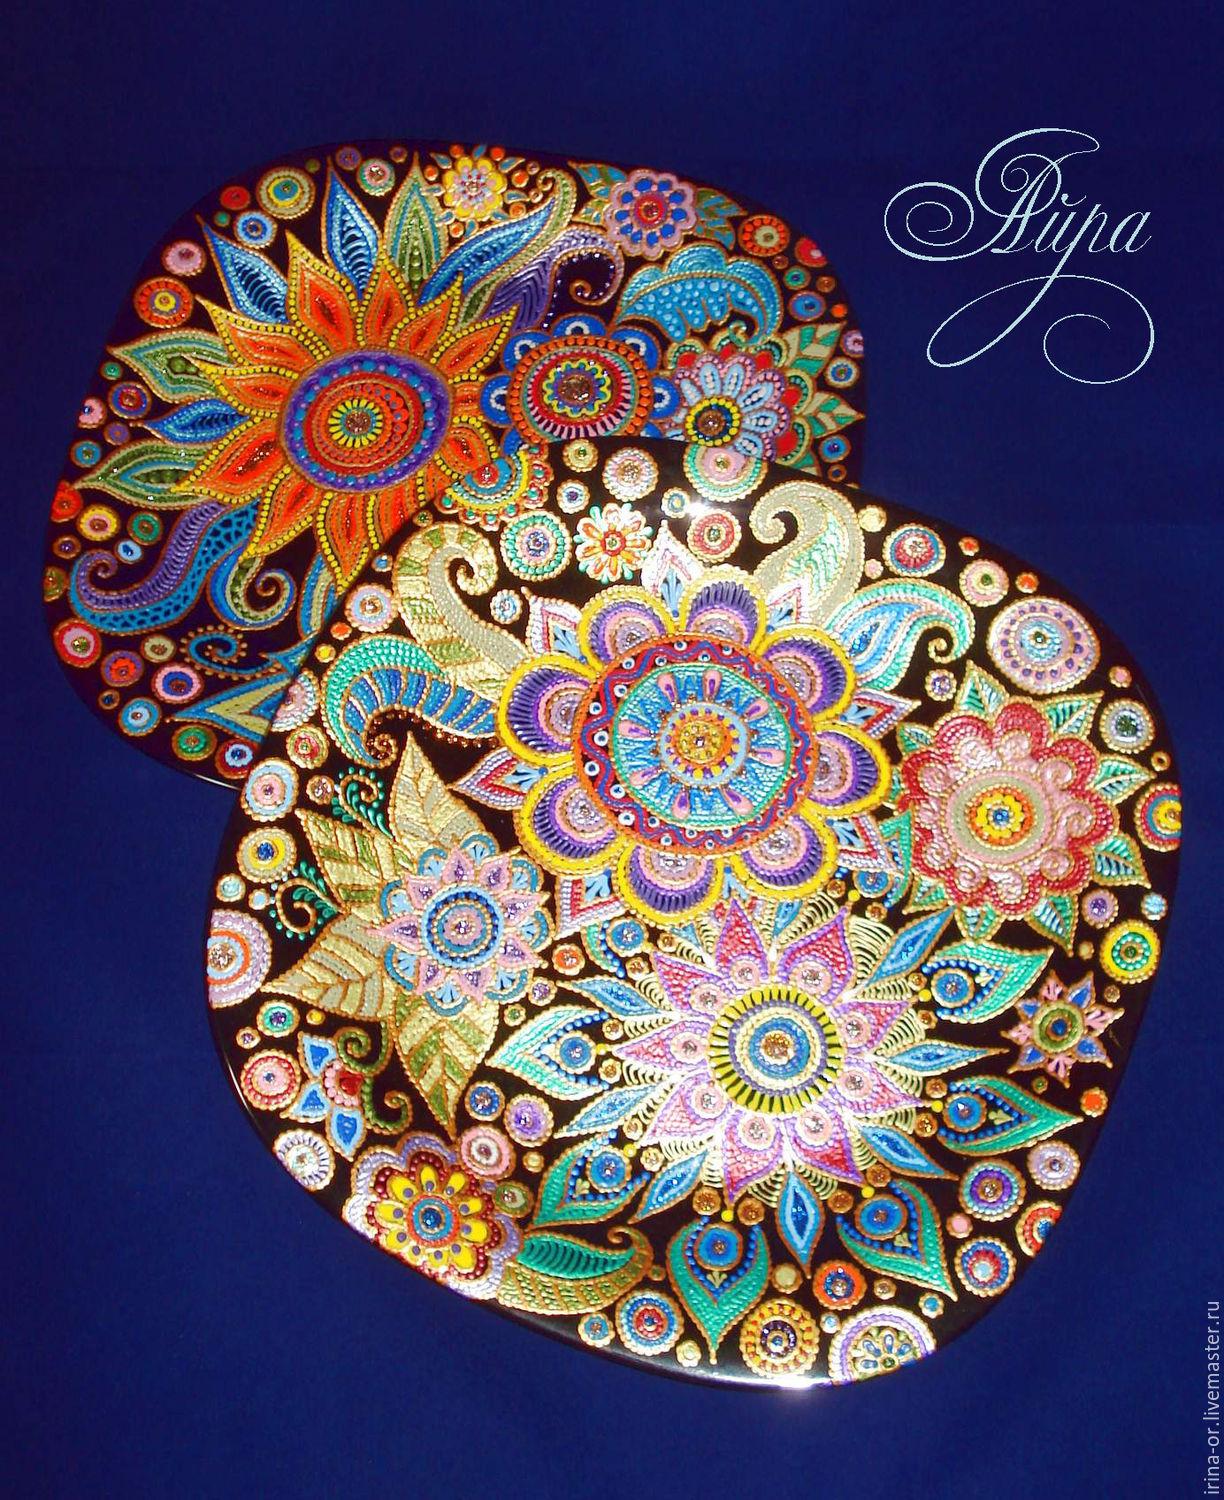 Тарелки с точечной росписью картинки